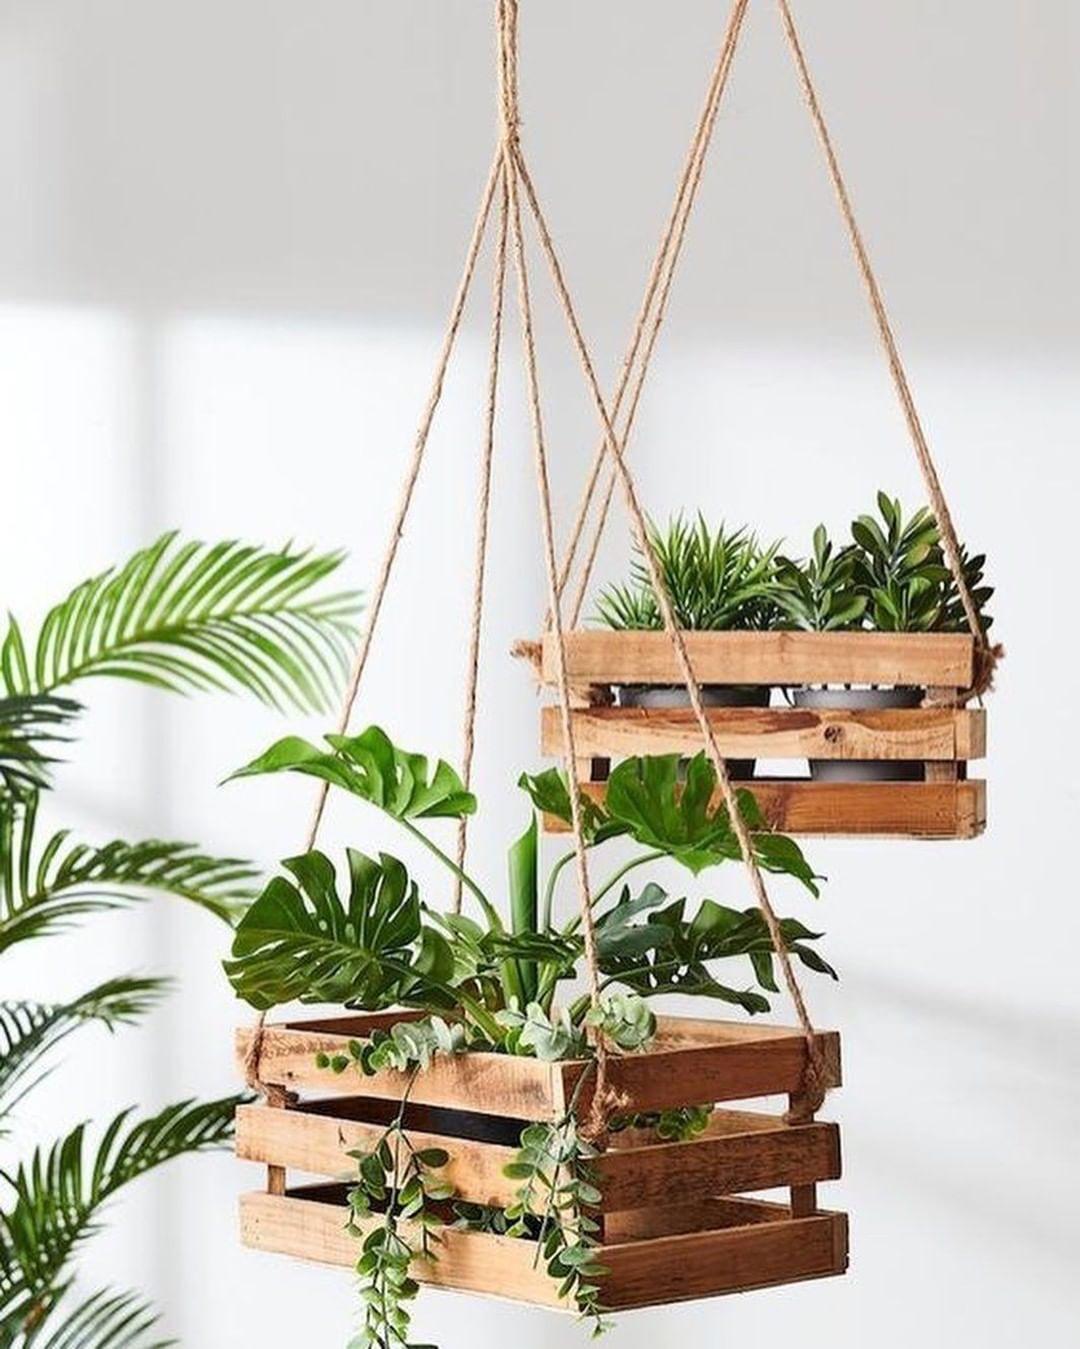 #diy DIY - Suspensions pour #vgtaux avec des #cagettes#dco #dcoration #deco #blogdco #blogueusedco #diy #plantes #diydco